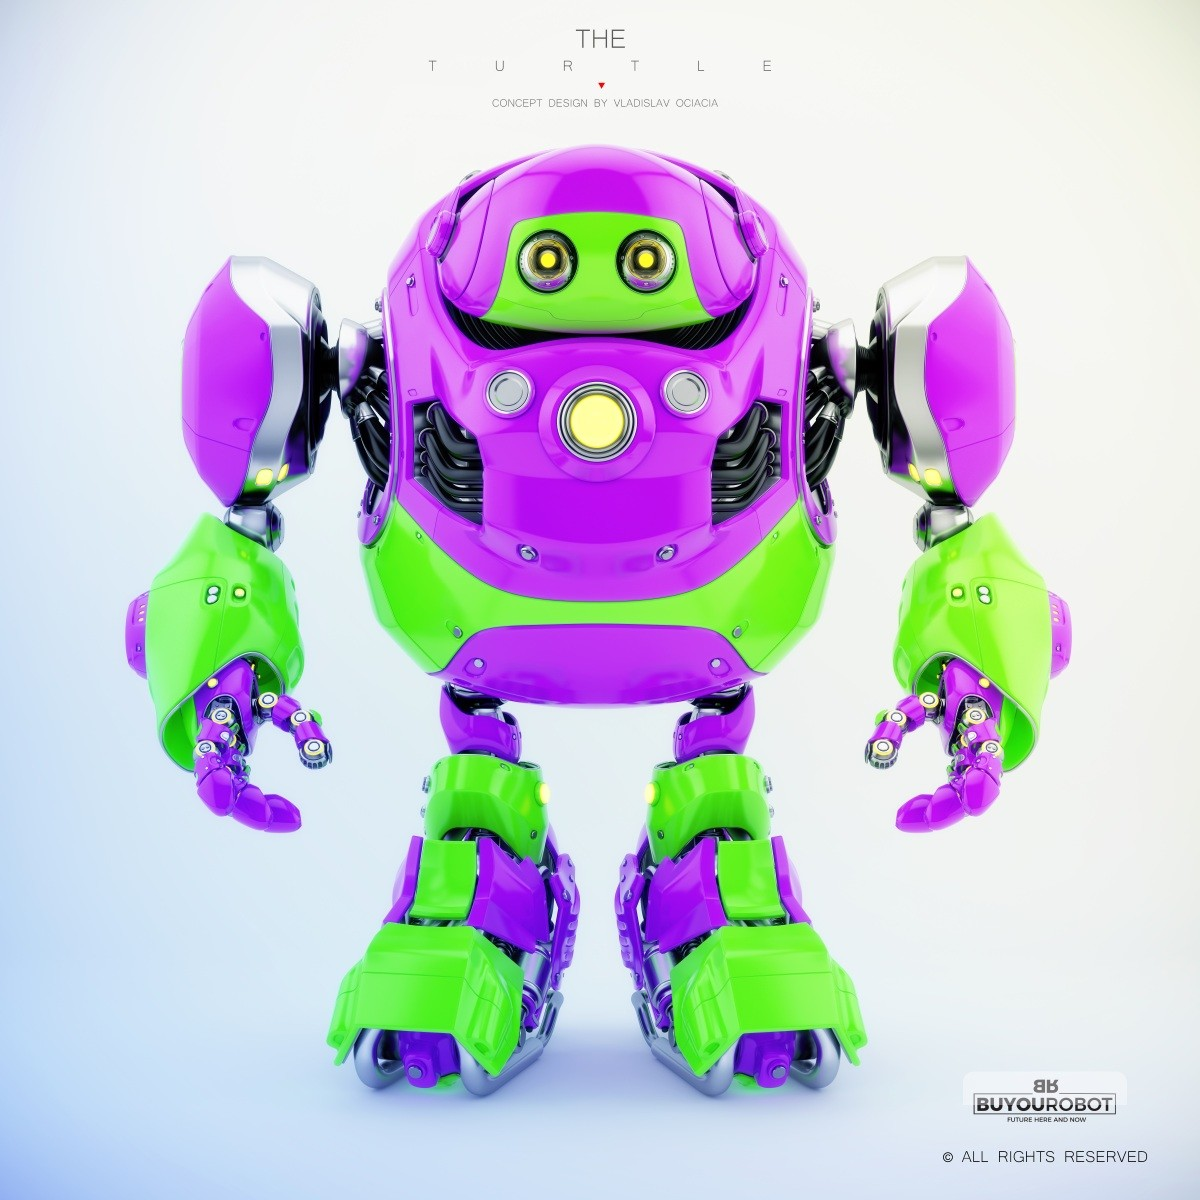 Vladislav ociacia cyber turtle robot 15